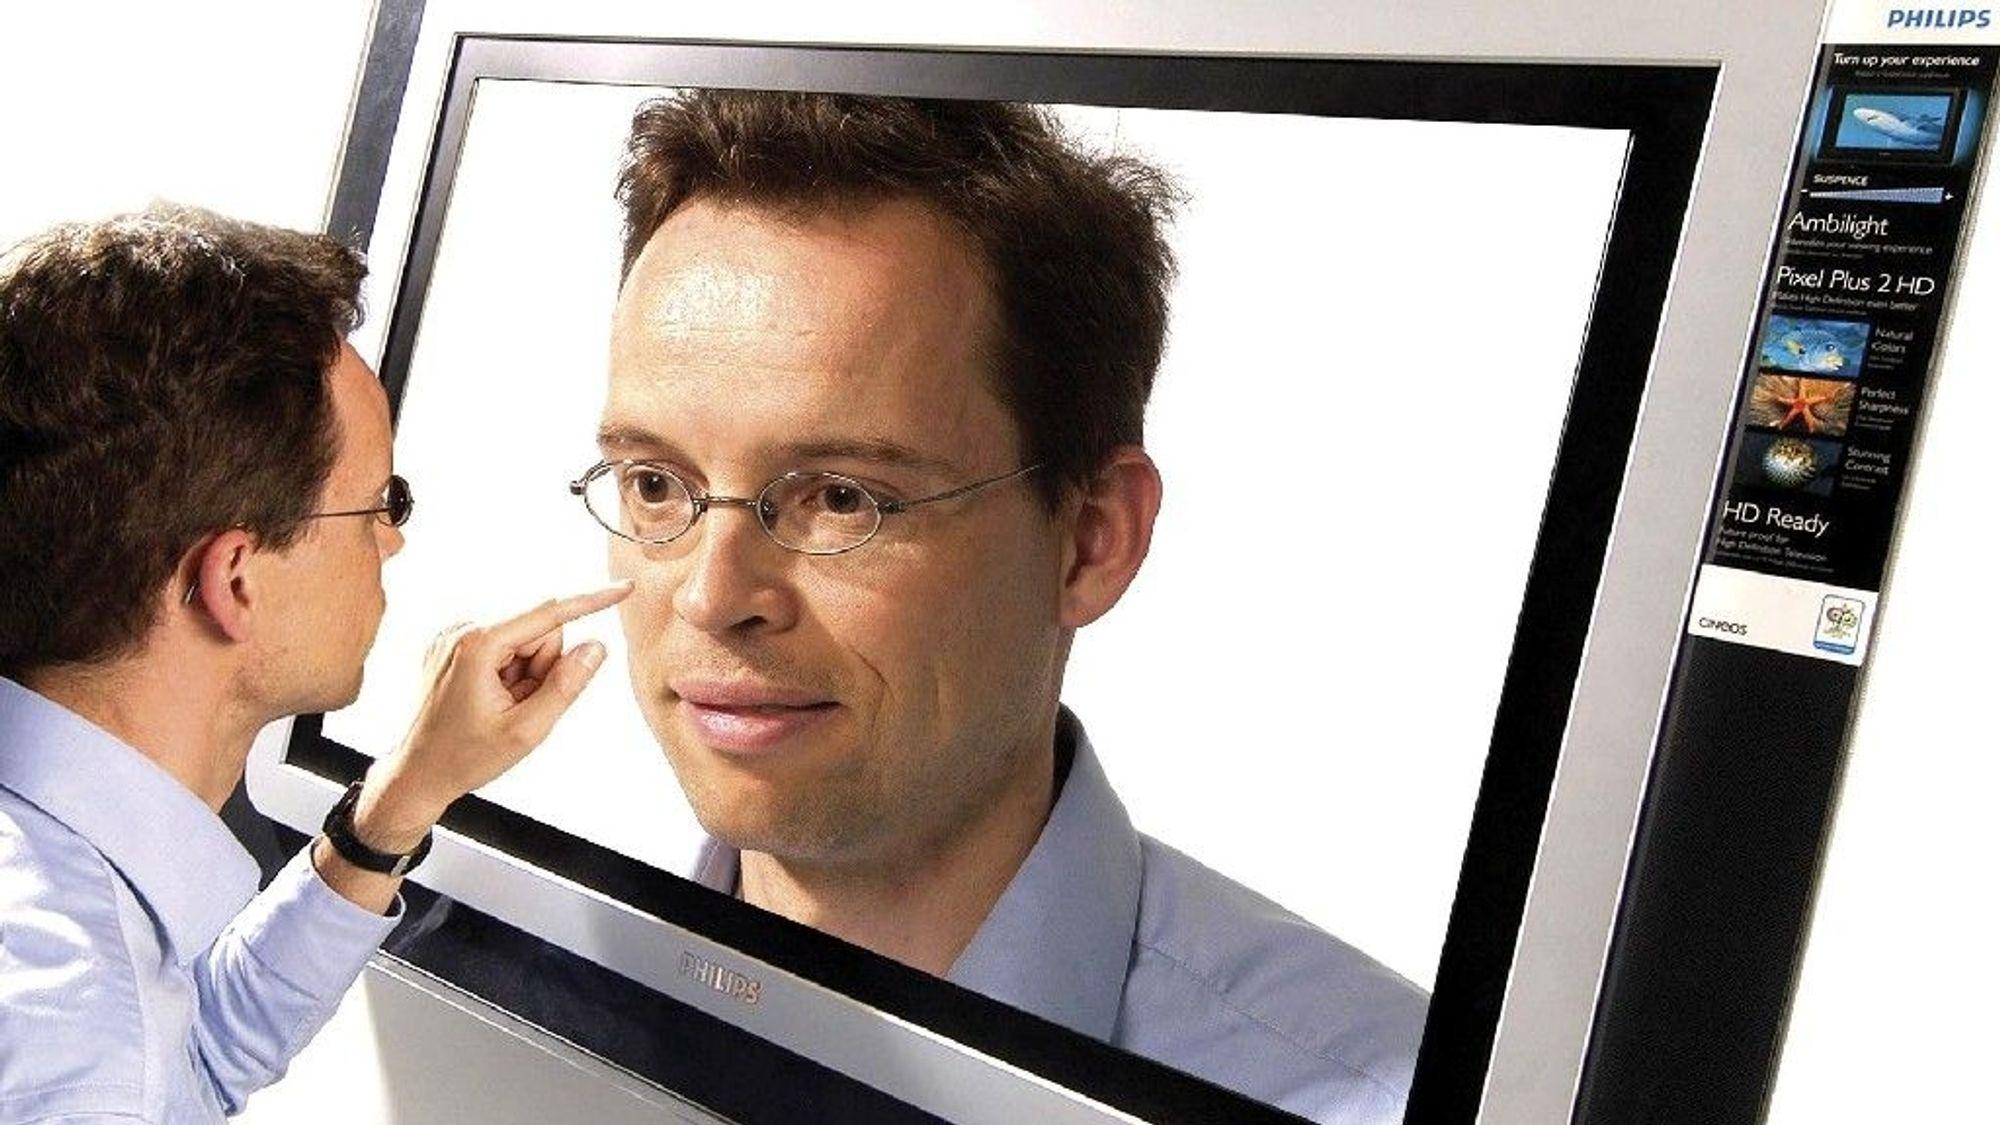 Les Hvem er best på HDTV?